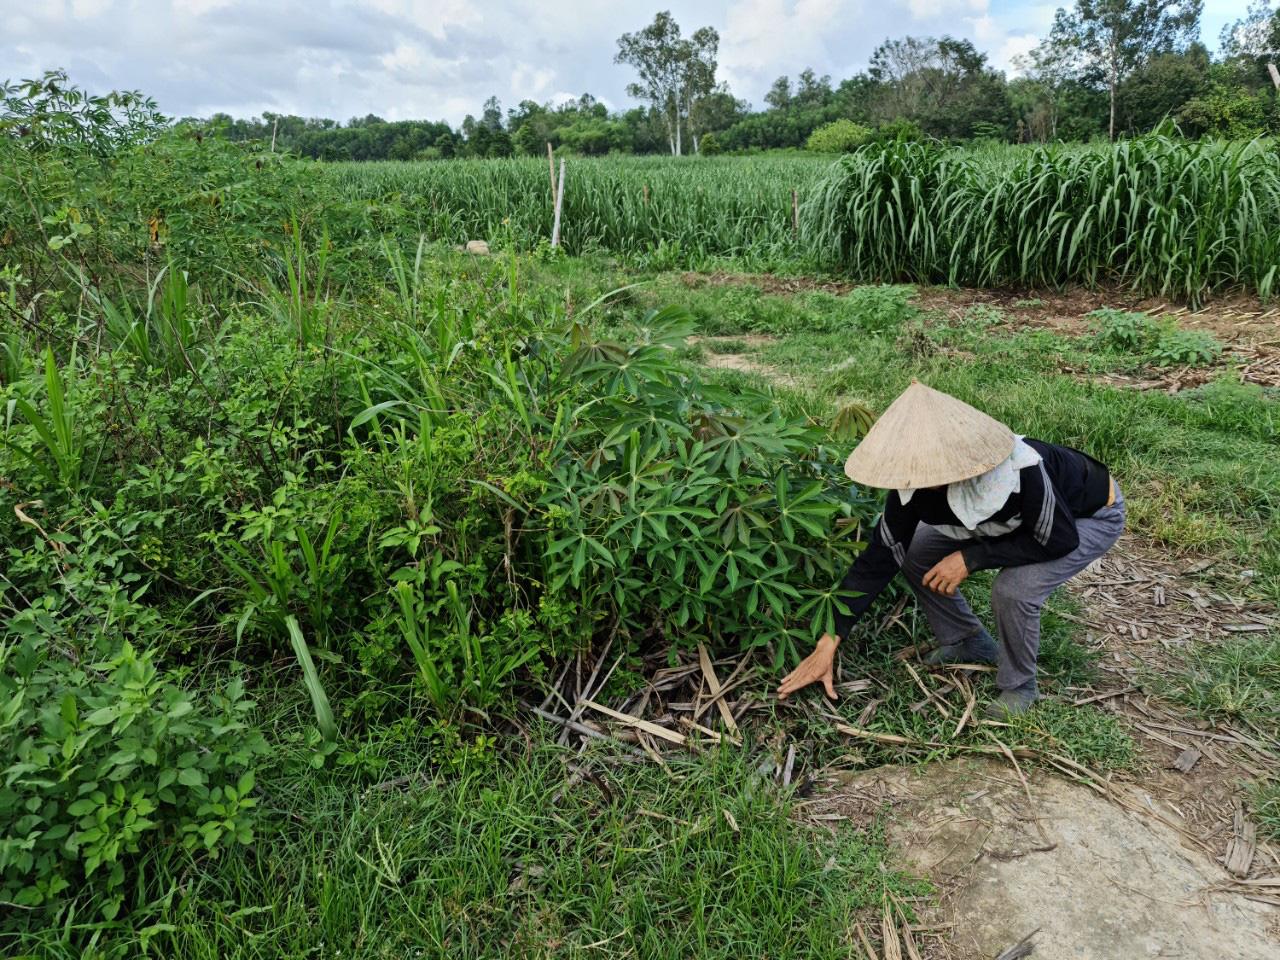 Quảng Nam: Kênh thủy lợi hàng trăm triệu đồng chỉ để chứa rác, trồng cỏ cho bò - Ảnh 4.